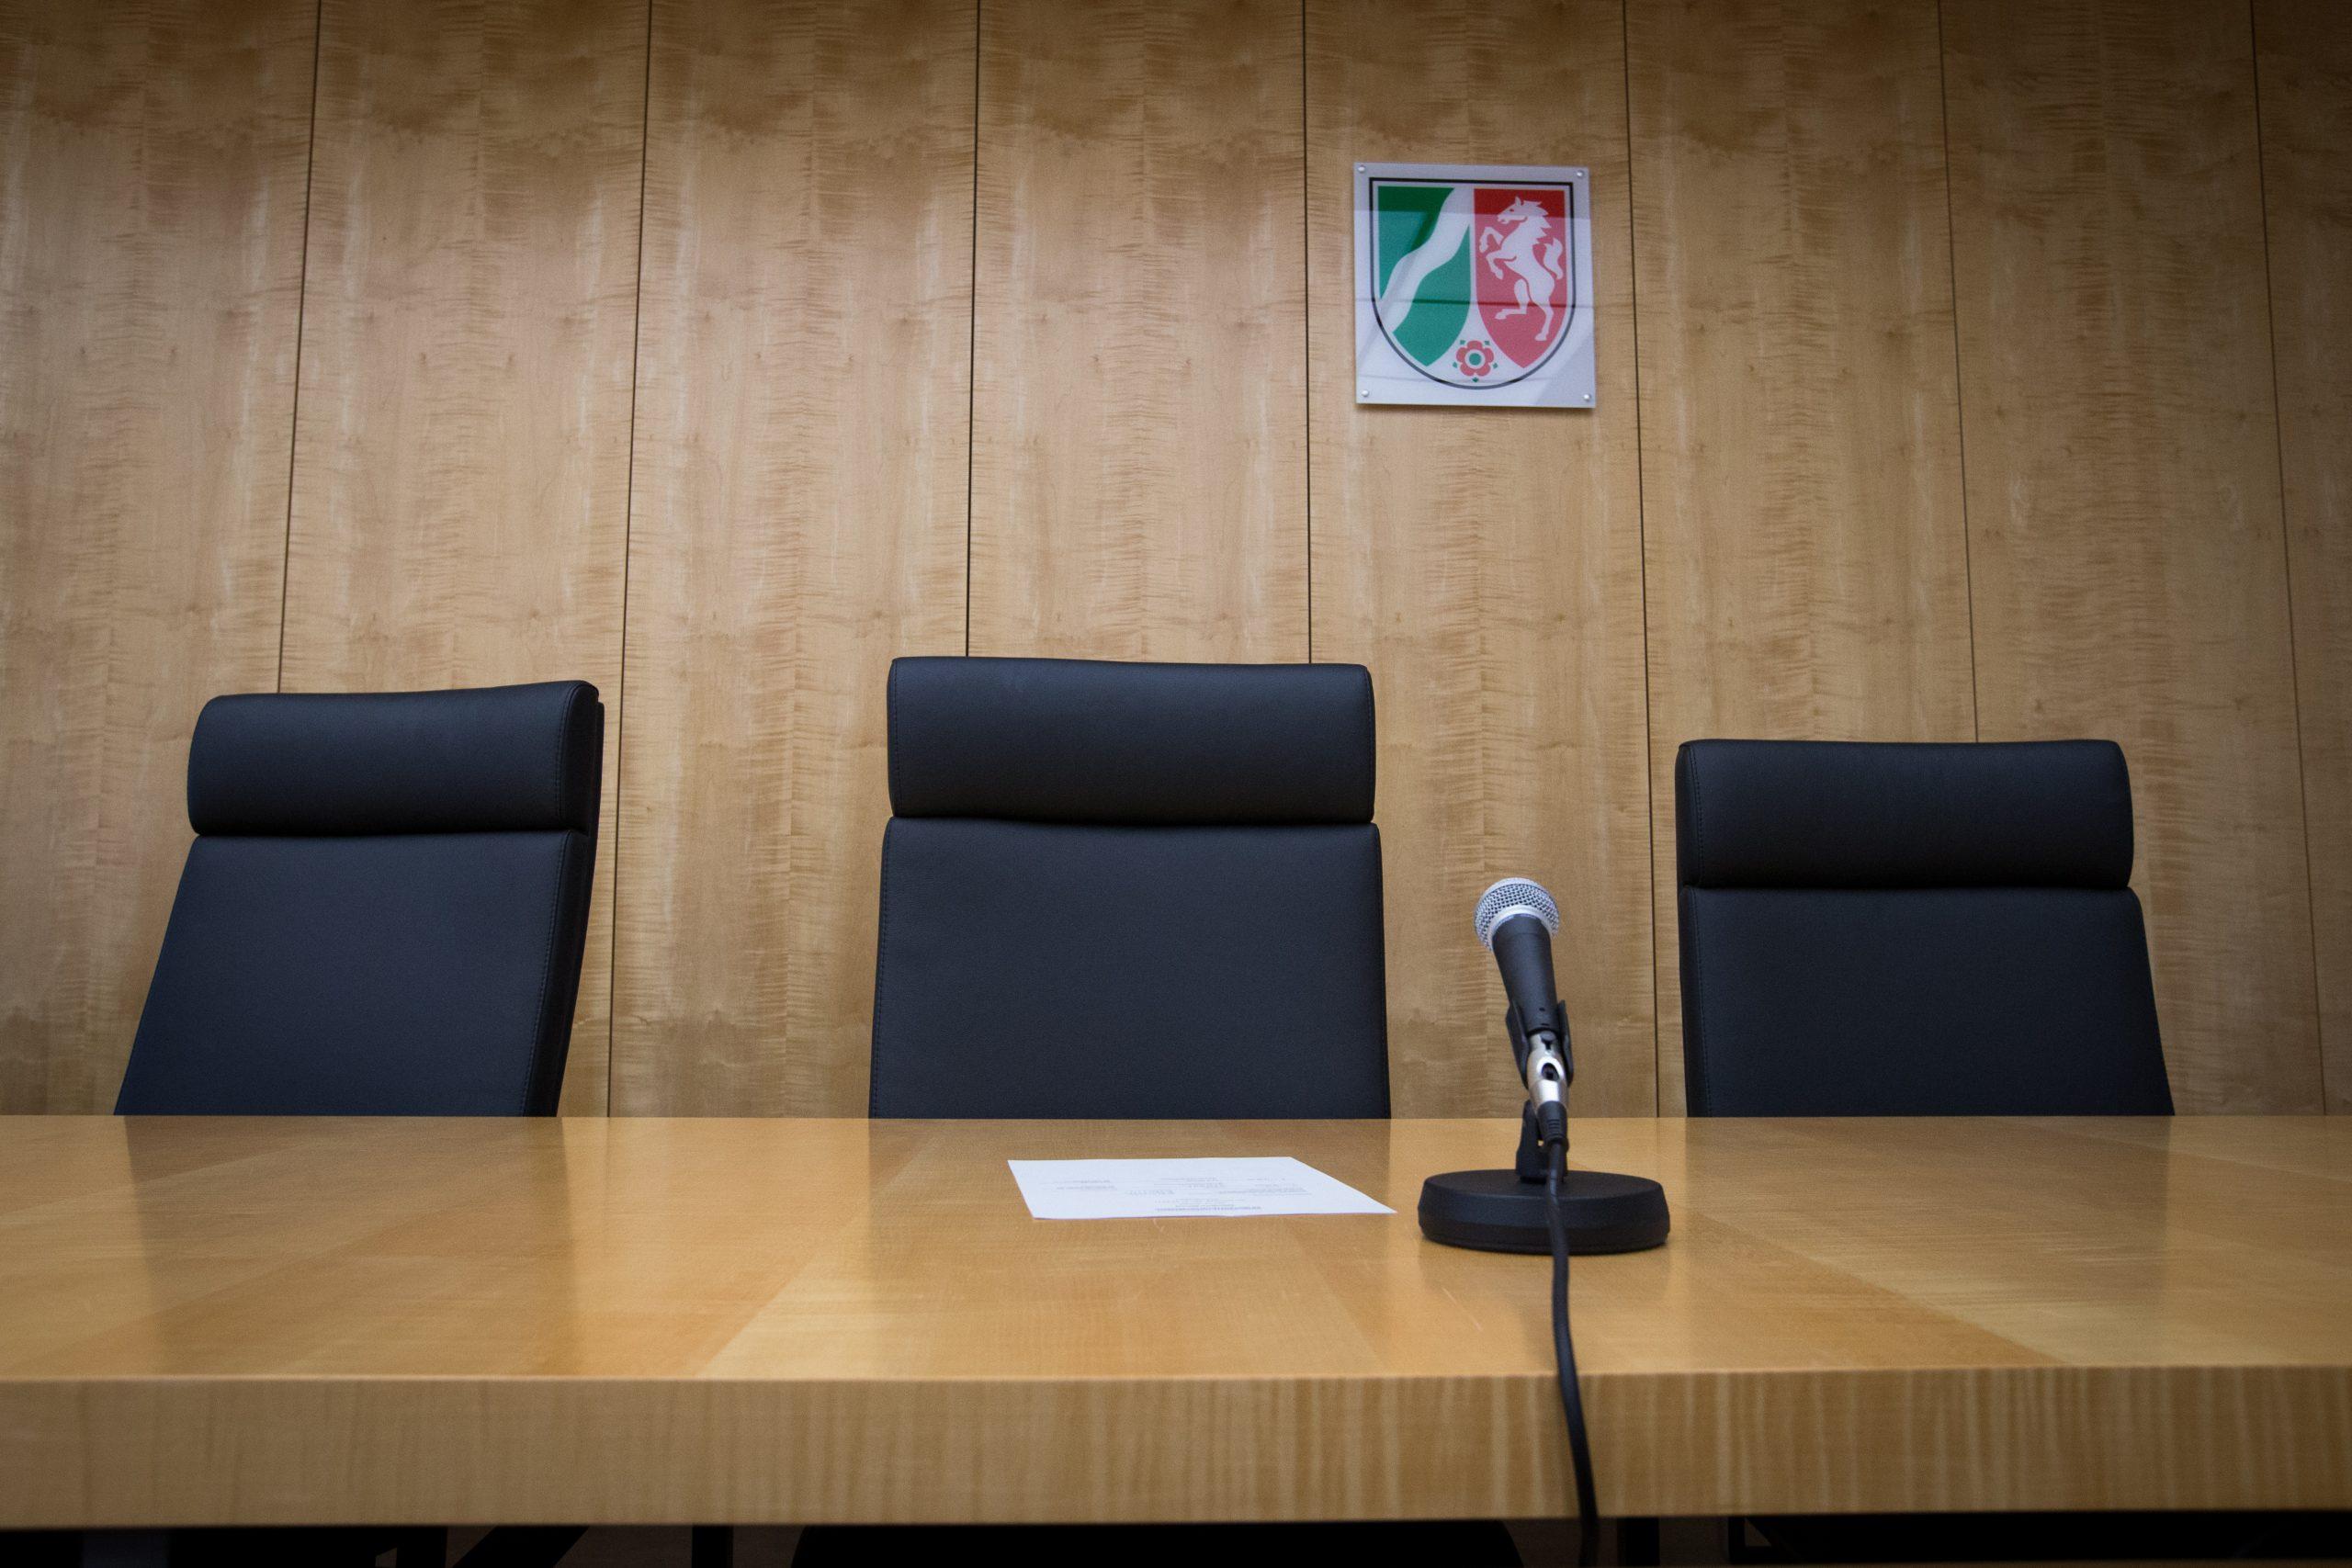 Das Oberverwaltungsgericht Nordrhein-Westfalen verhindert Abschiebungen nach Griechenland (Symbolbild) Foto: picture alliance / Friso Gentsch/dpa   Friso Gentsch